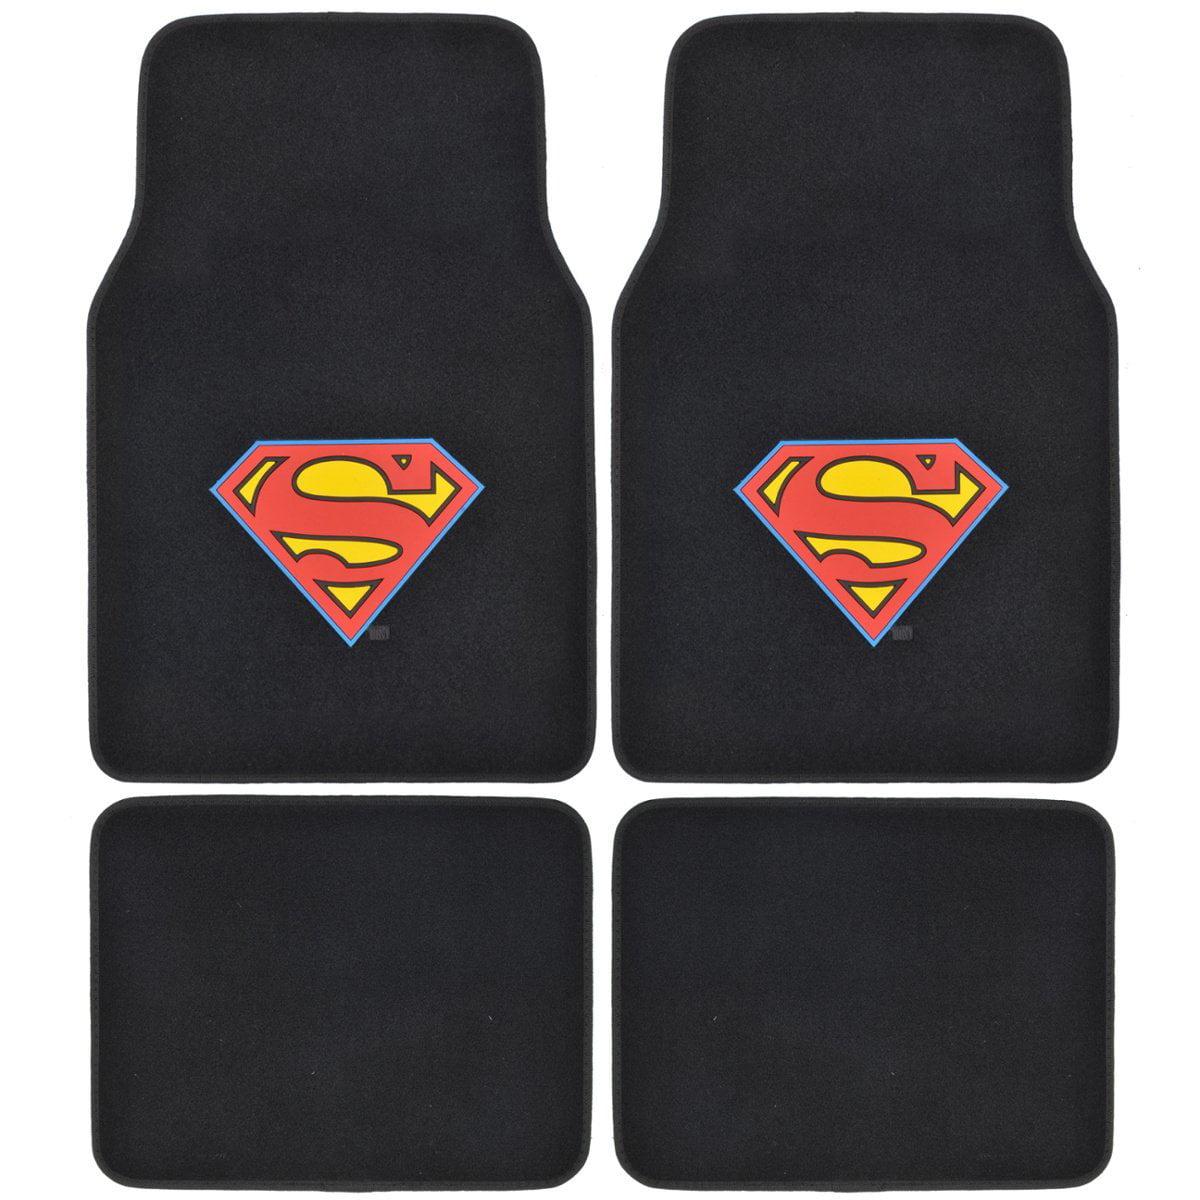 Batman Vs Superman - Set of 4 Universal Floor Mats for Cars / Trucks (Super Man)